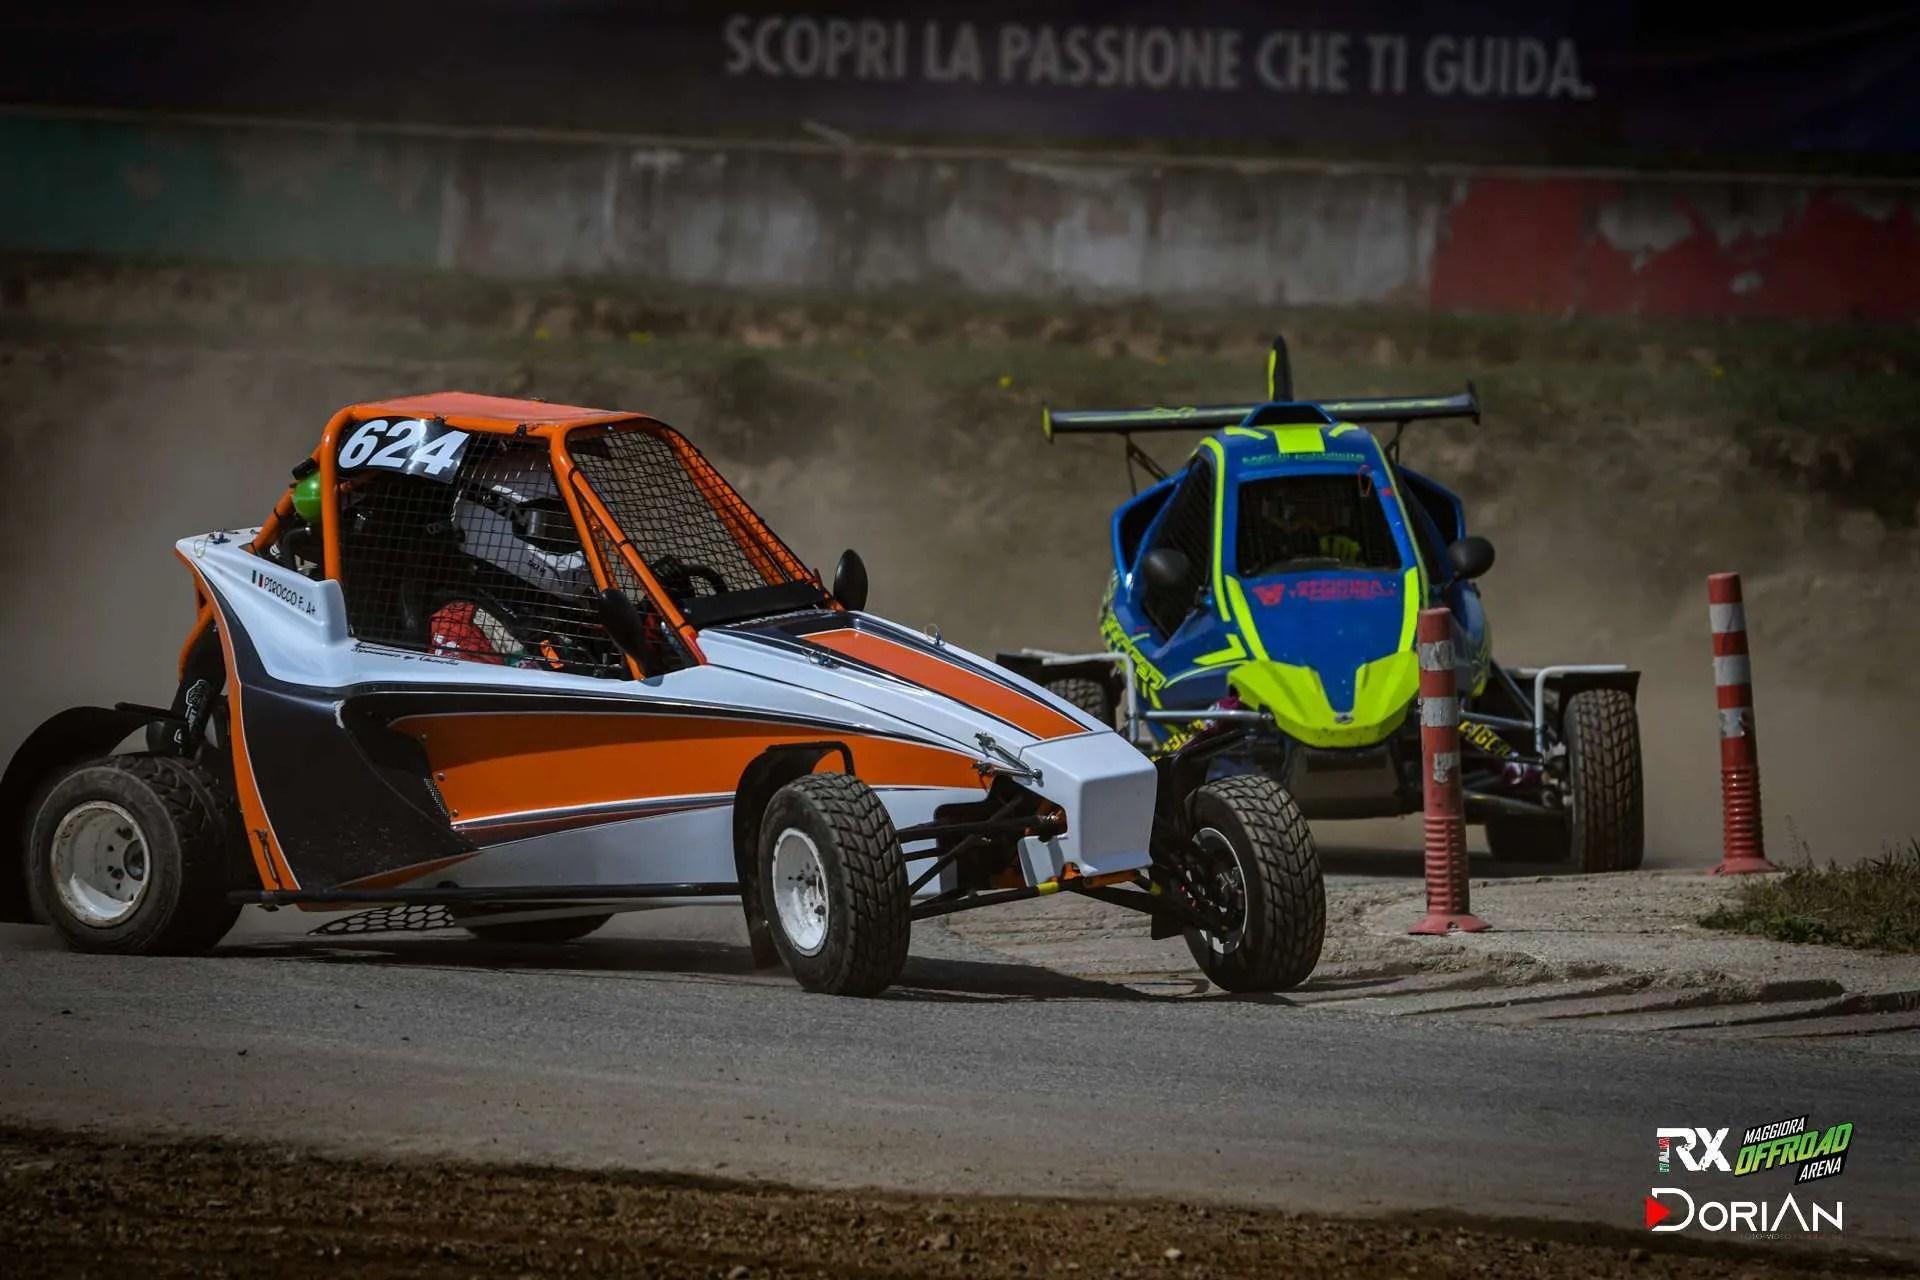 MAGGIORA RX ITALIA_176